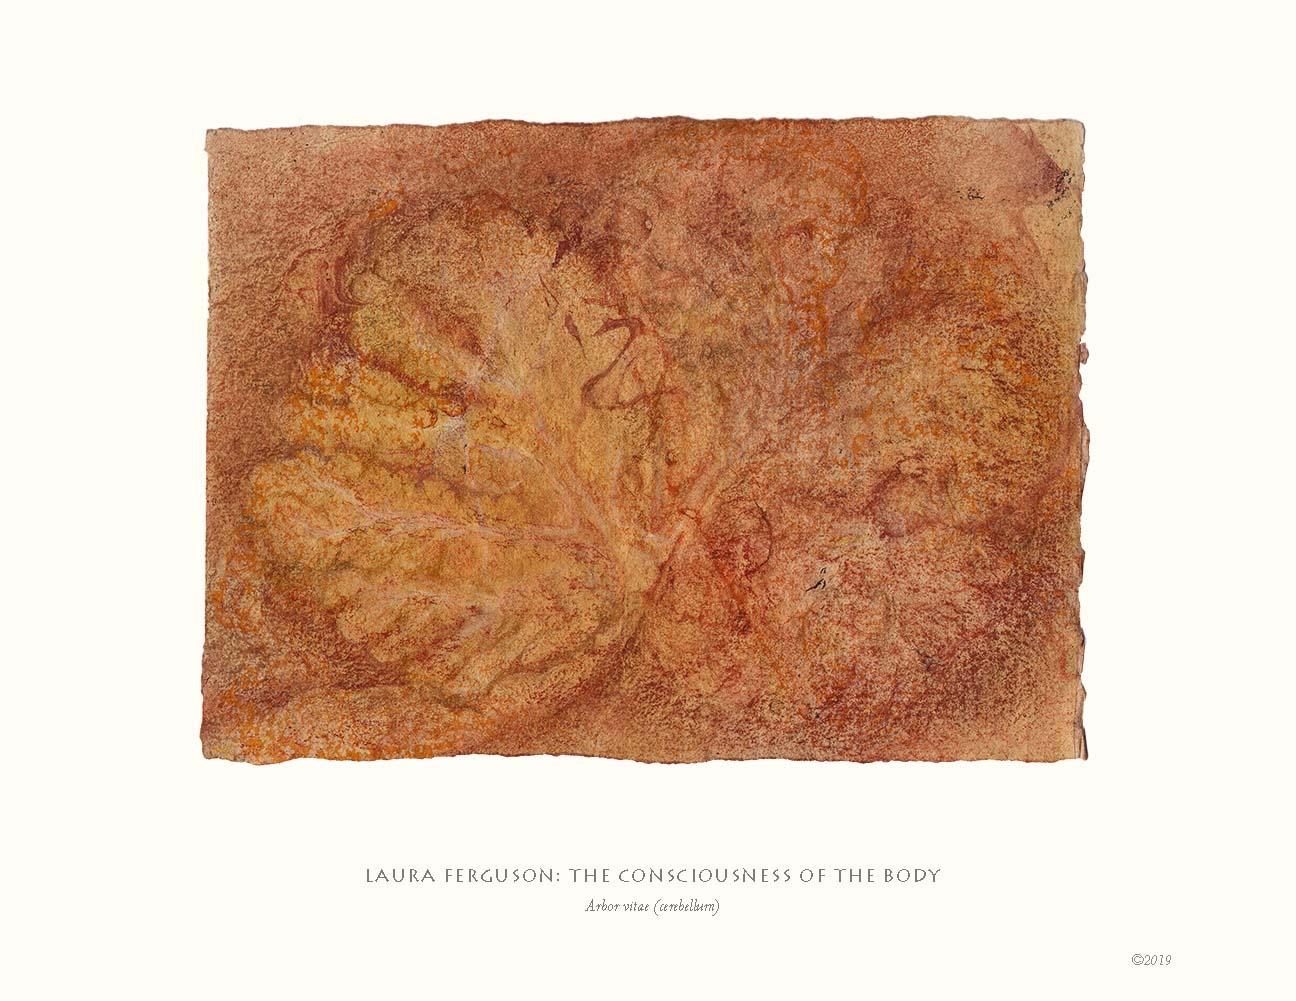 Arbor vitae (cerebellum)  (Consciousness gallery)